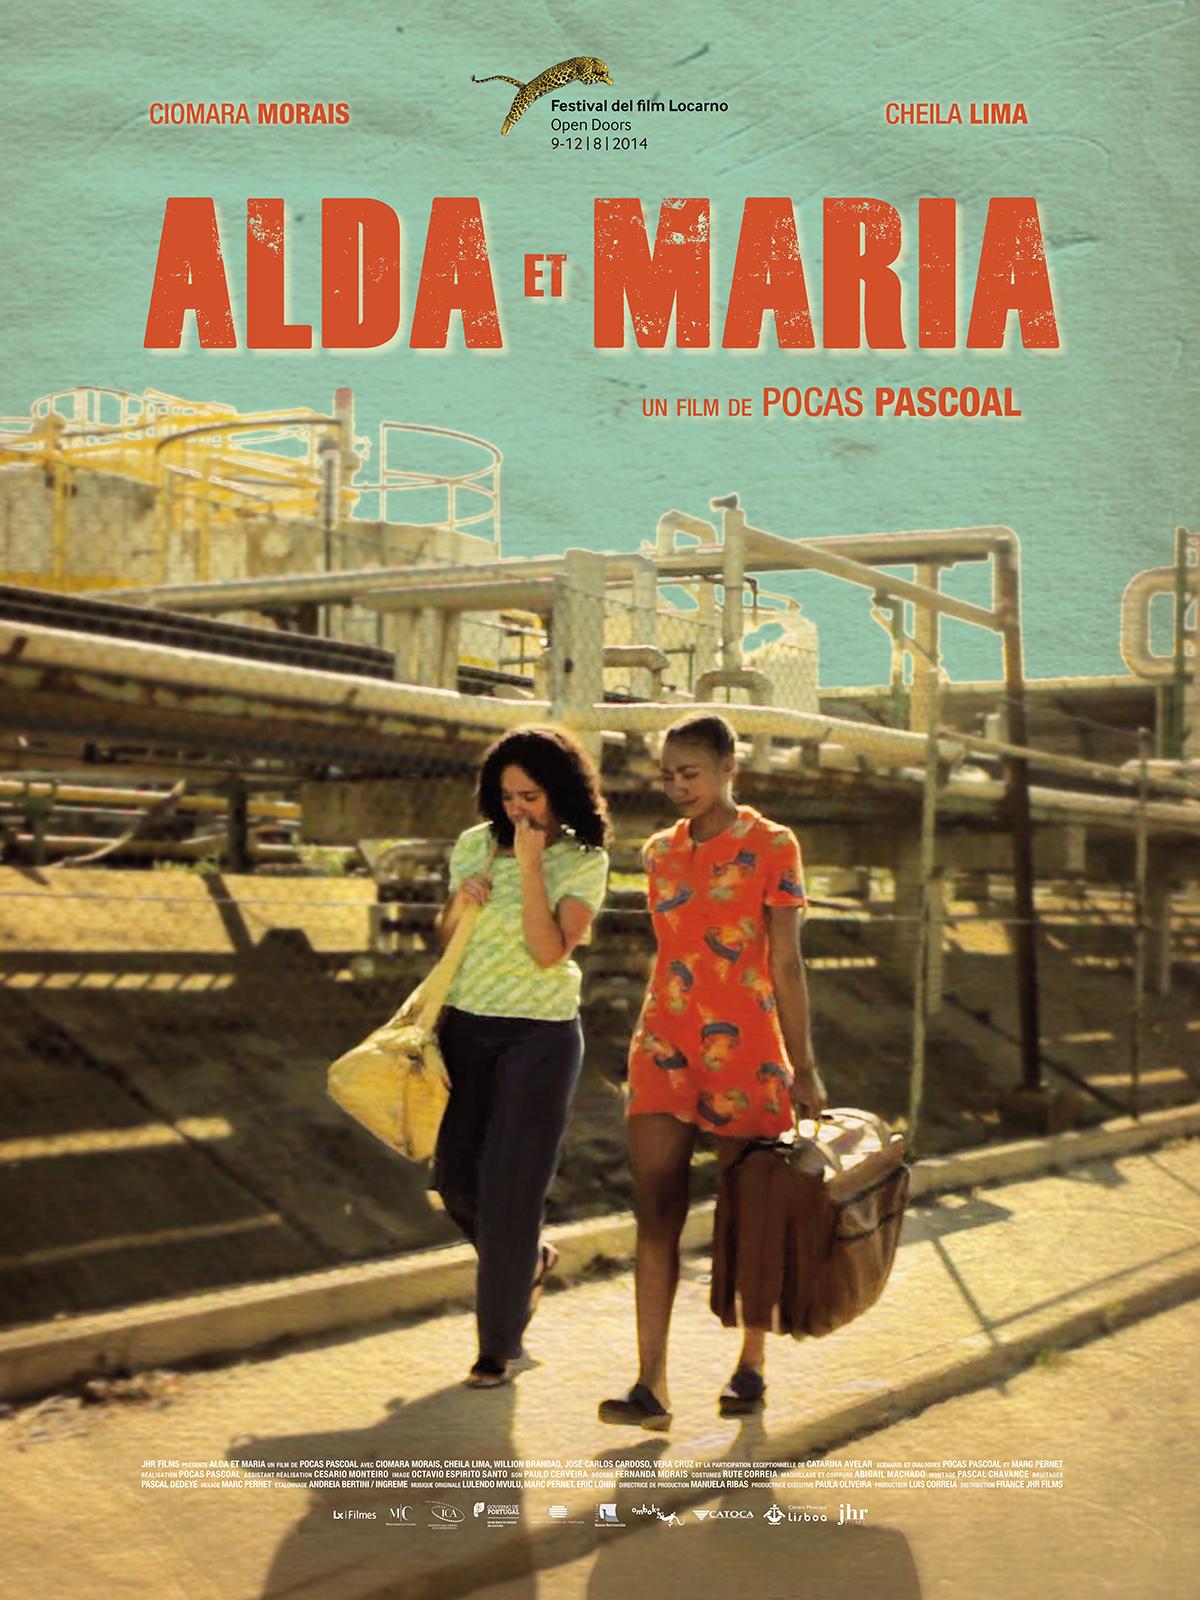 Alda et Maria